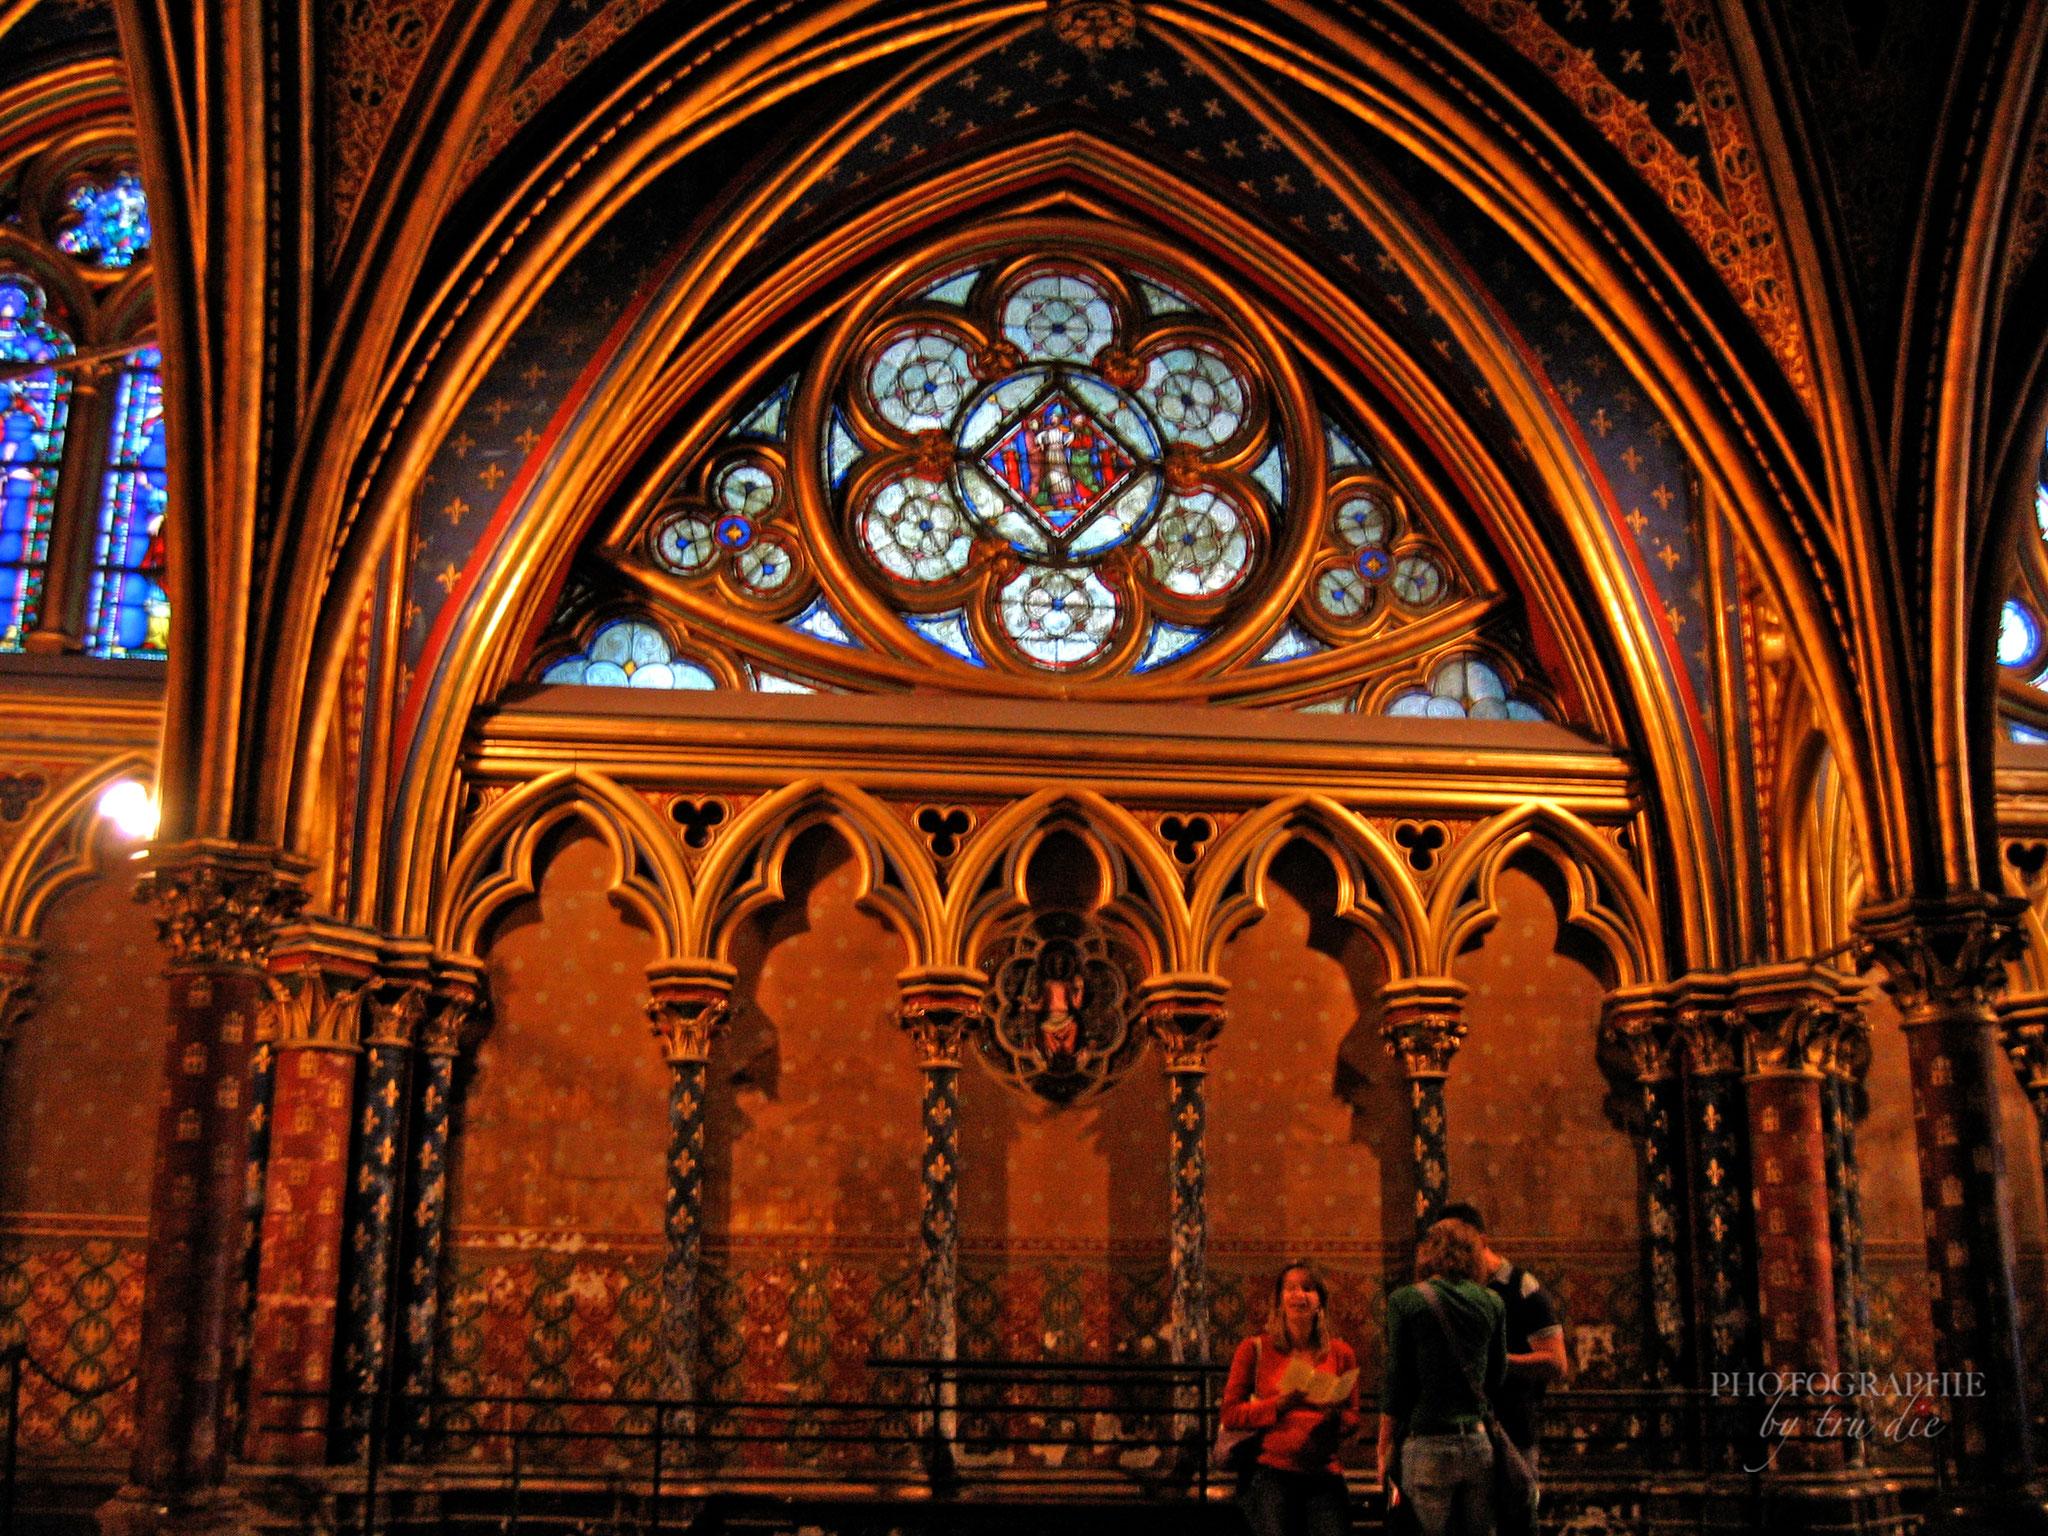 Bild: Buntglasfenster in der Unterkirche von Sainte-Chapelle in Paris